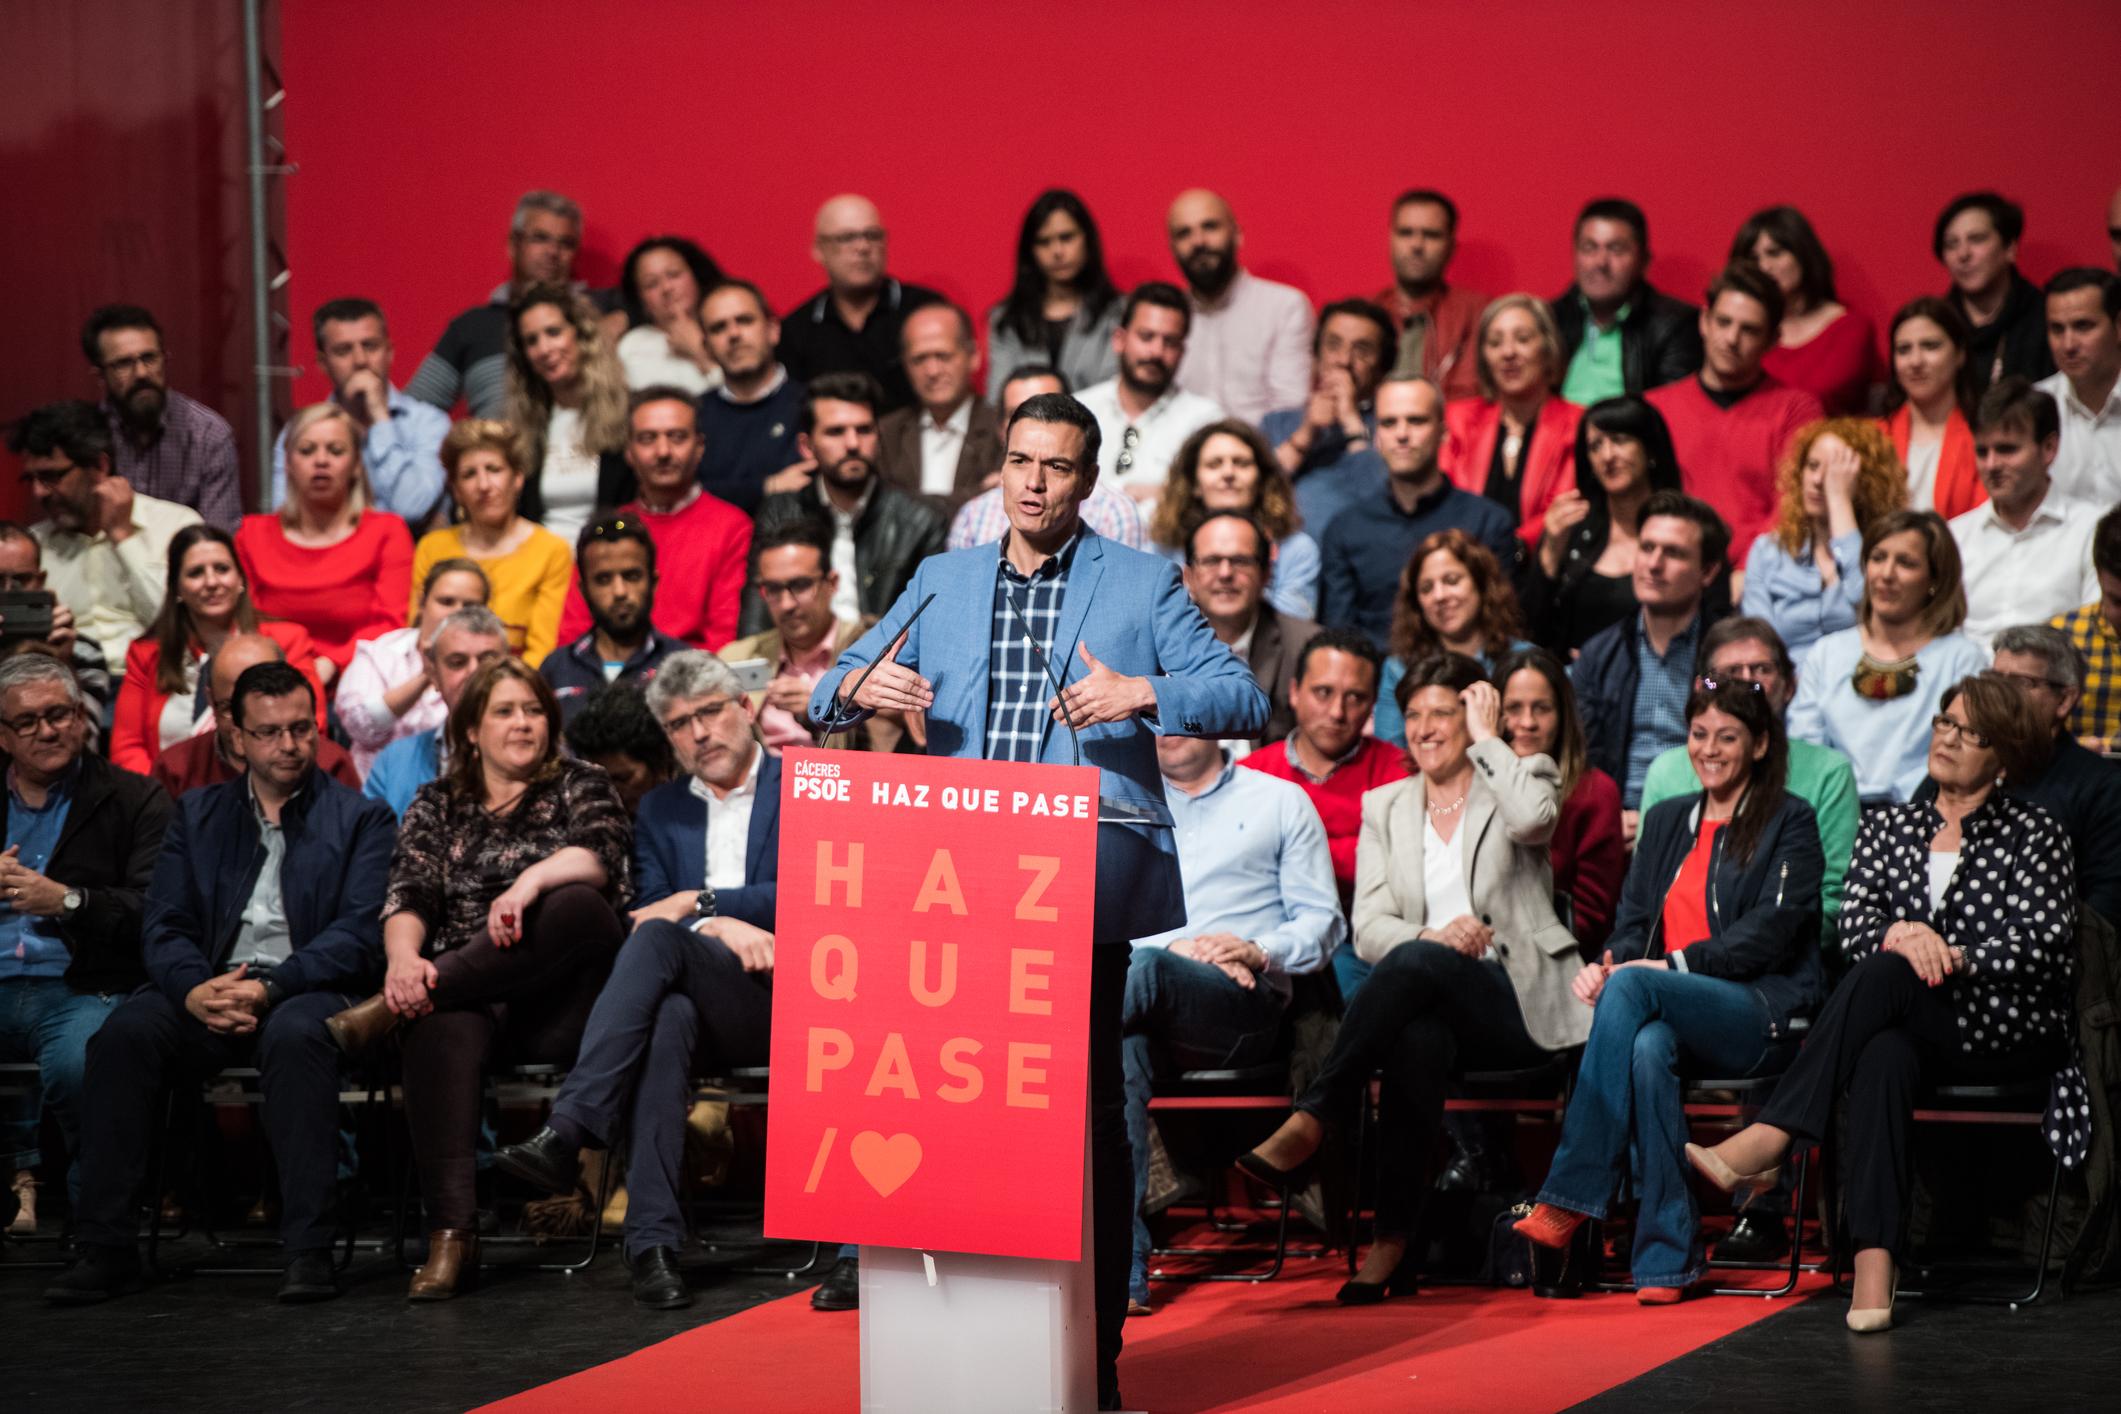 Позачергові вибори в Іспанії: чому іспанці схожі на українців